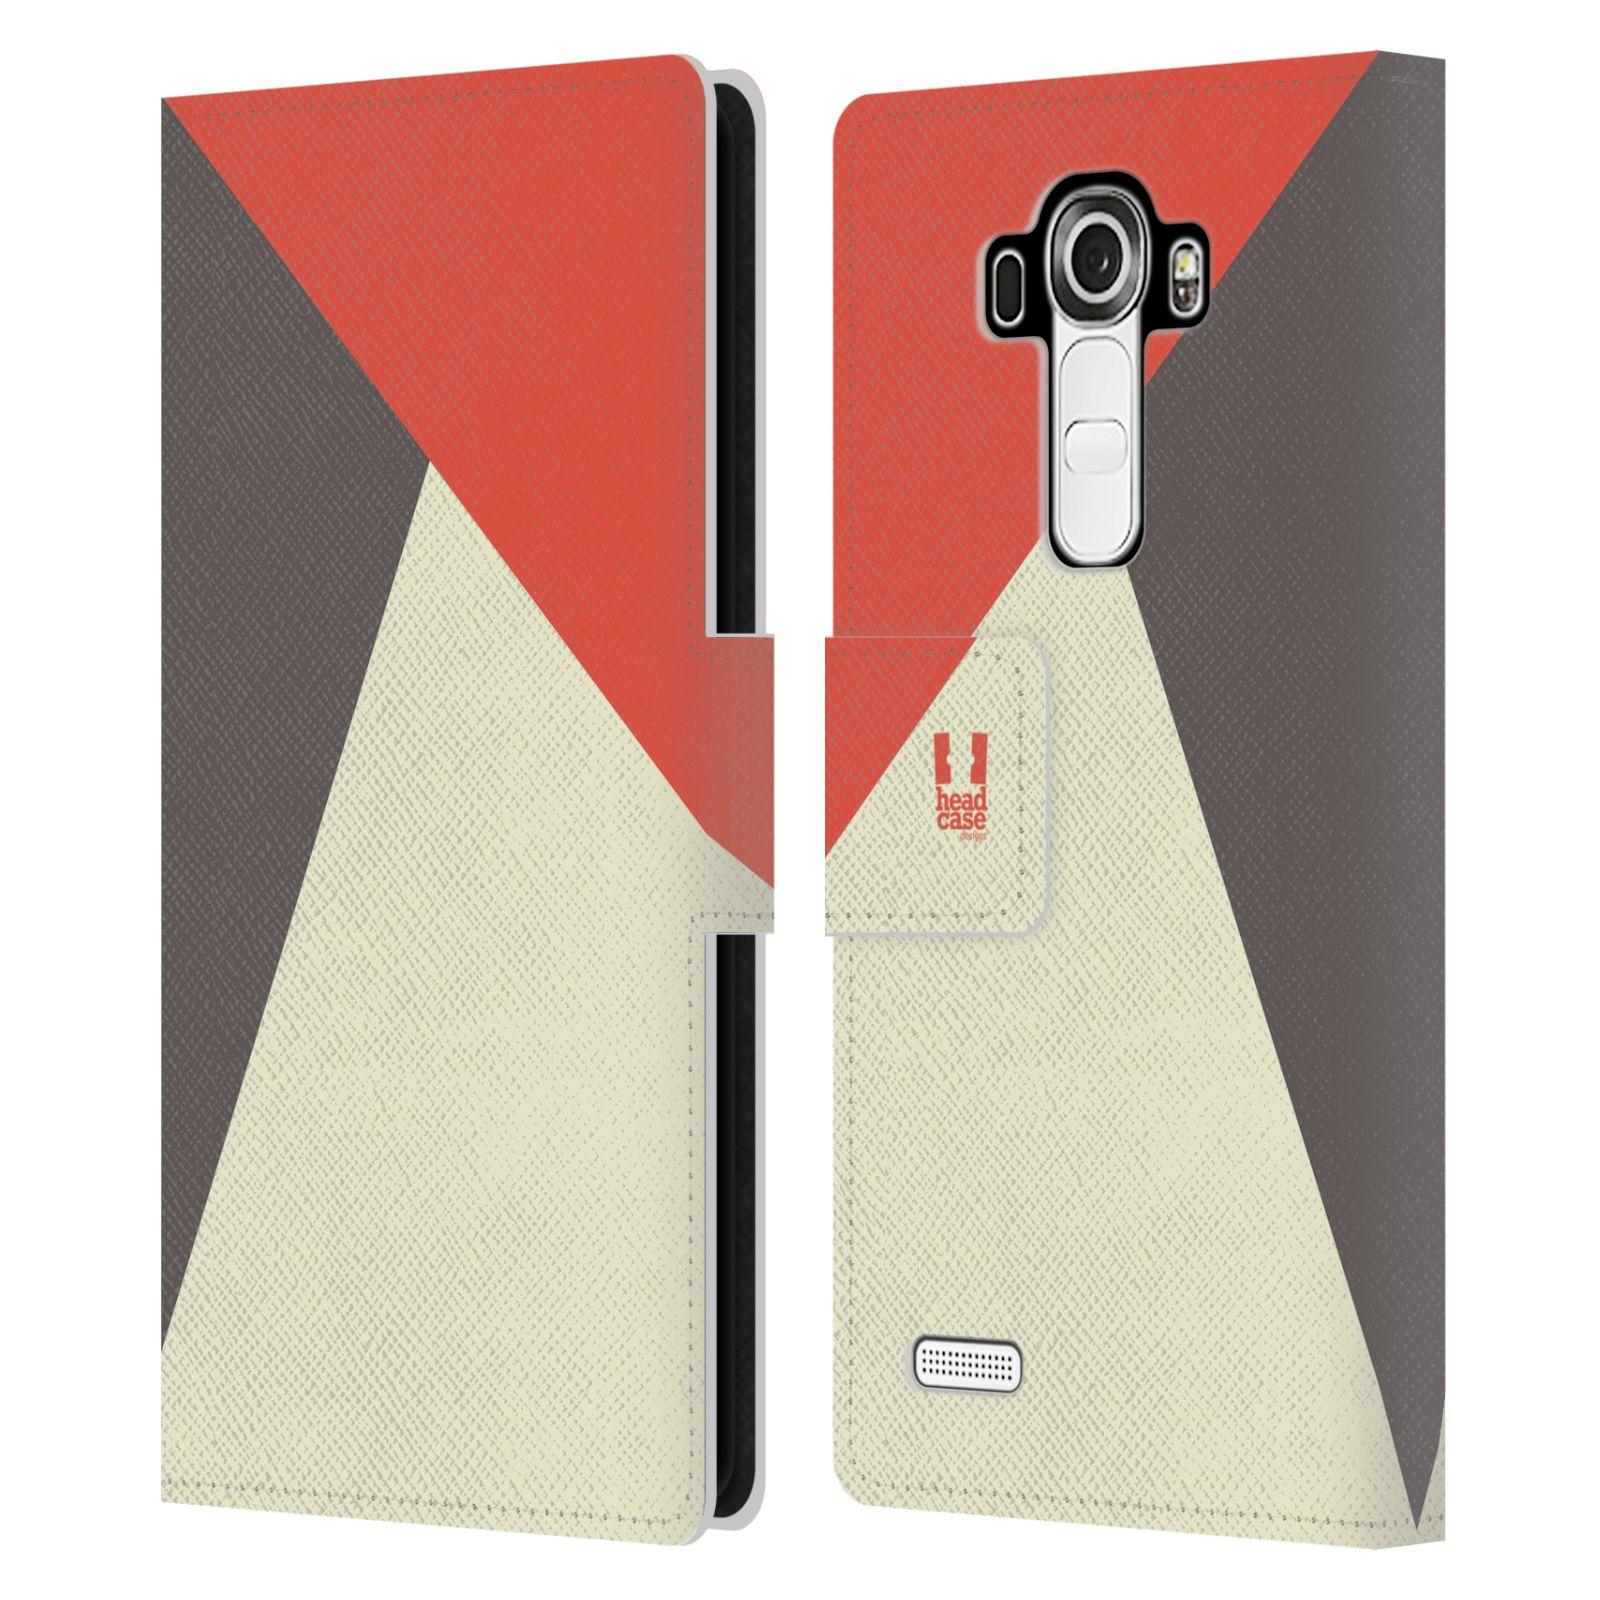 HEAD CASE Flipové pouzdro pro mobil LG G4 barevné tvary červená a šedá COOL